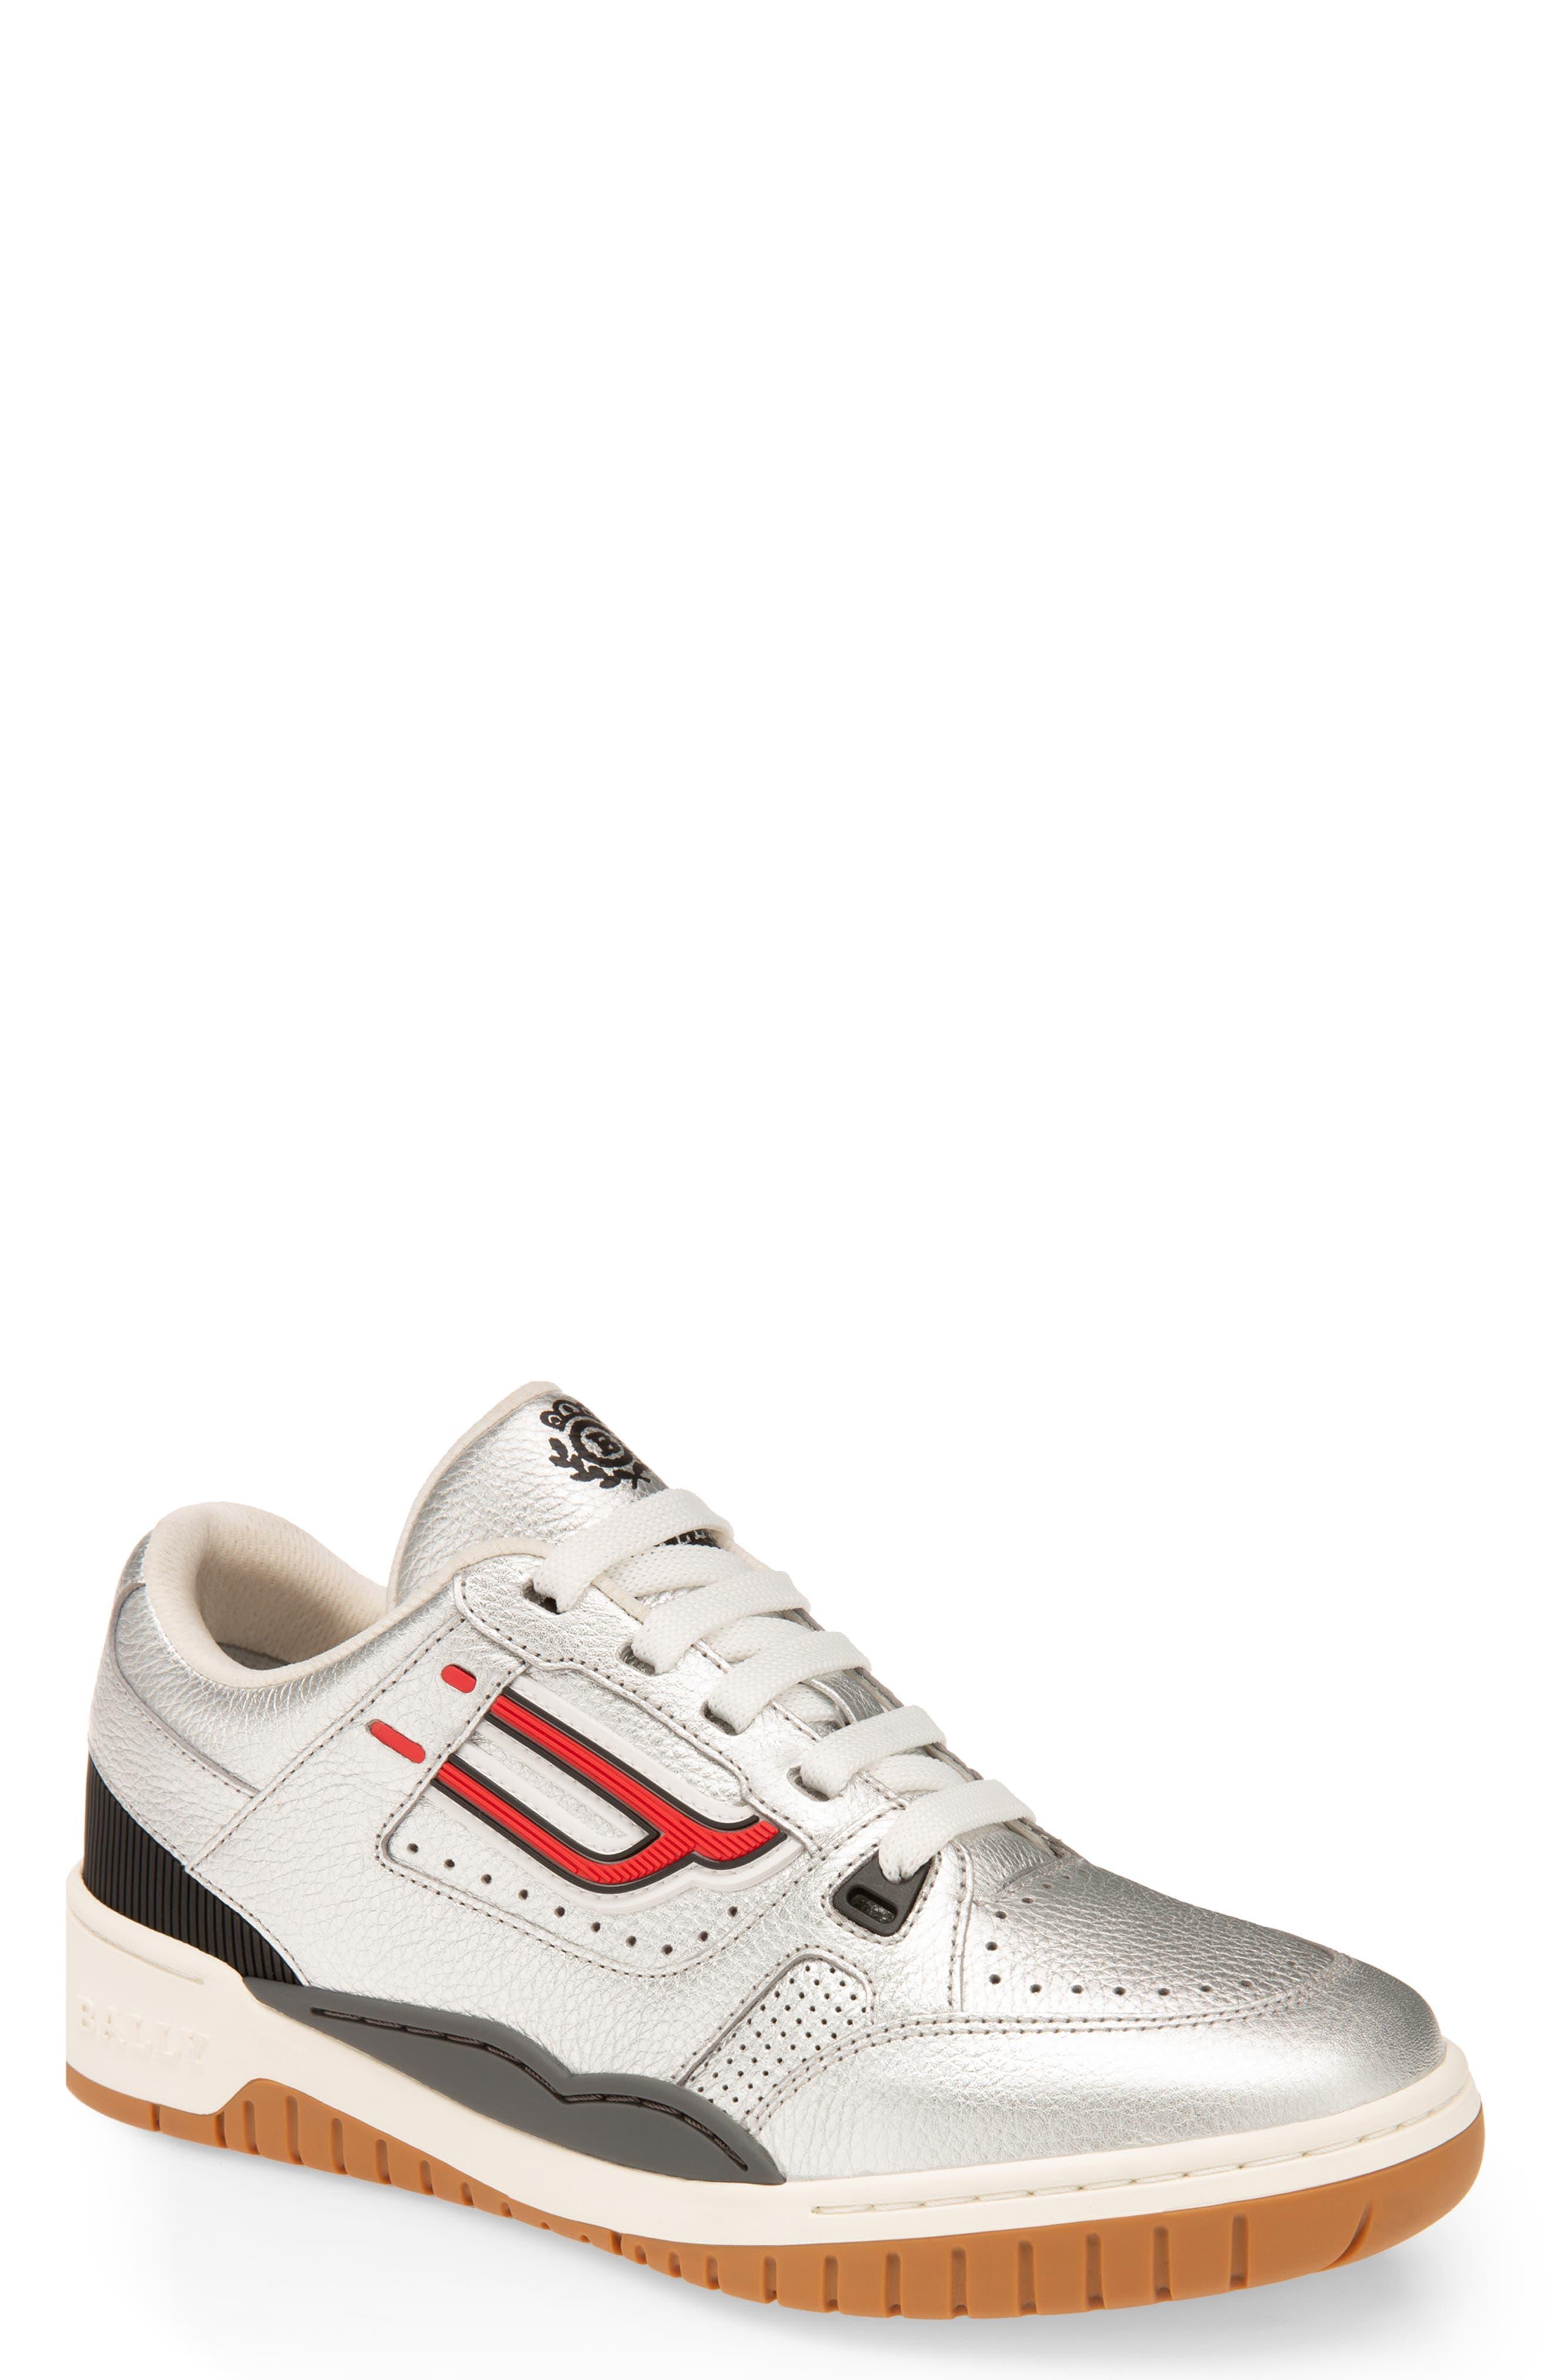 BALLY | Kuba Low Top Sneaker